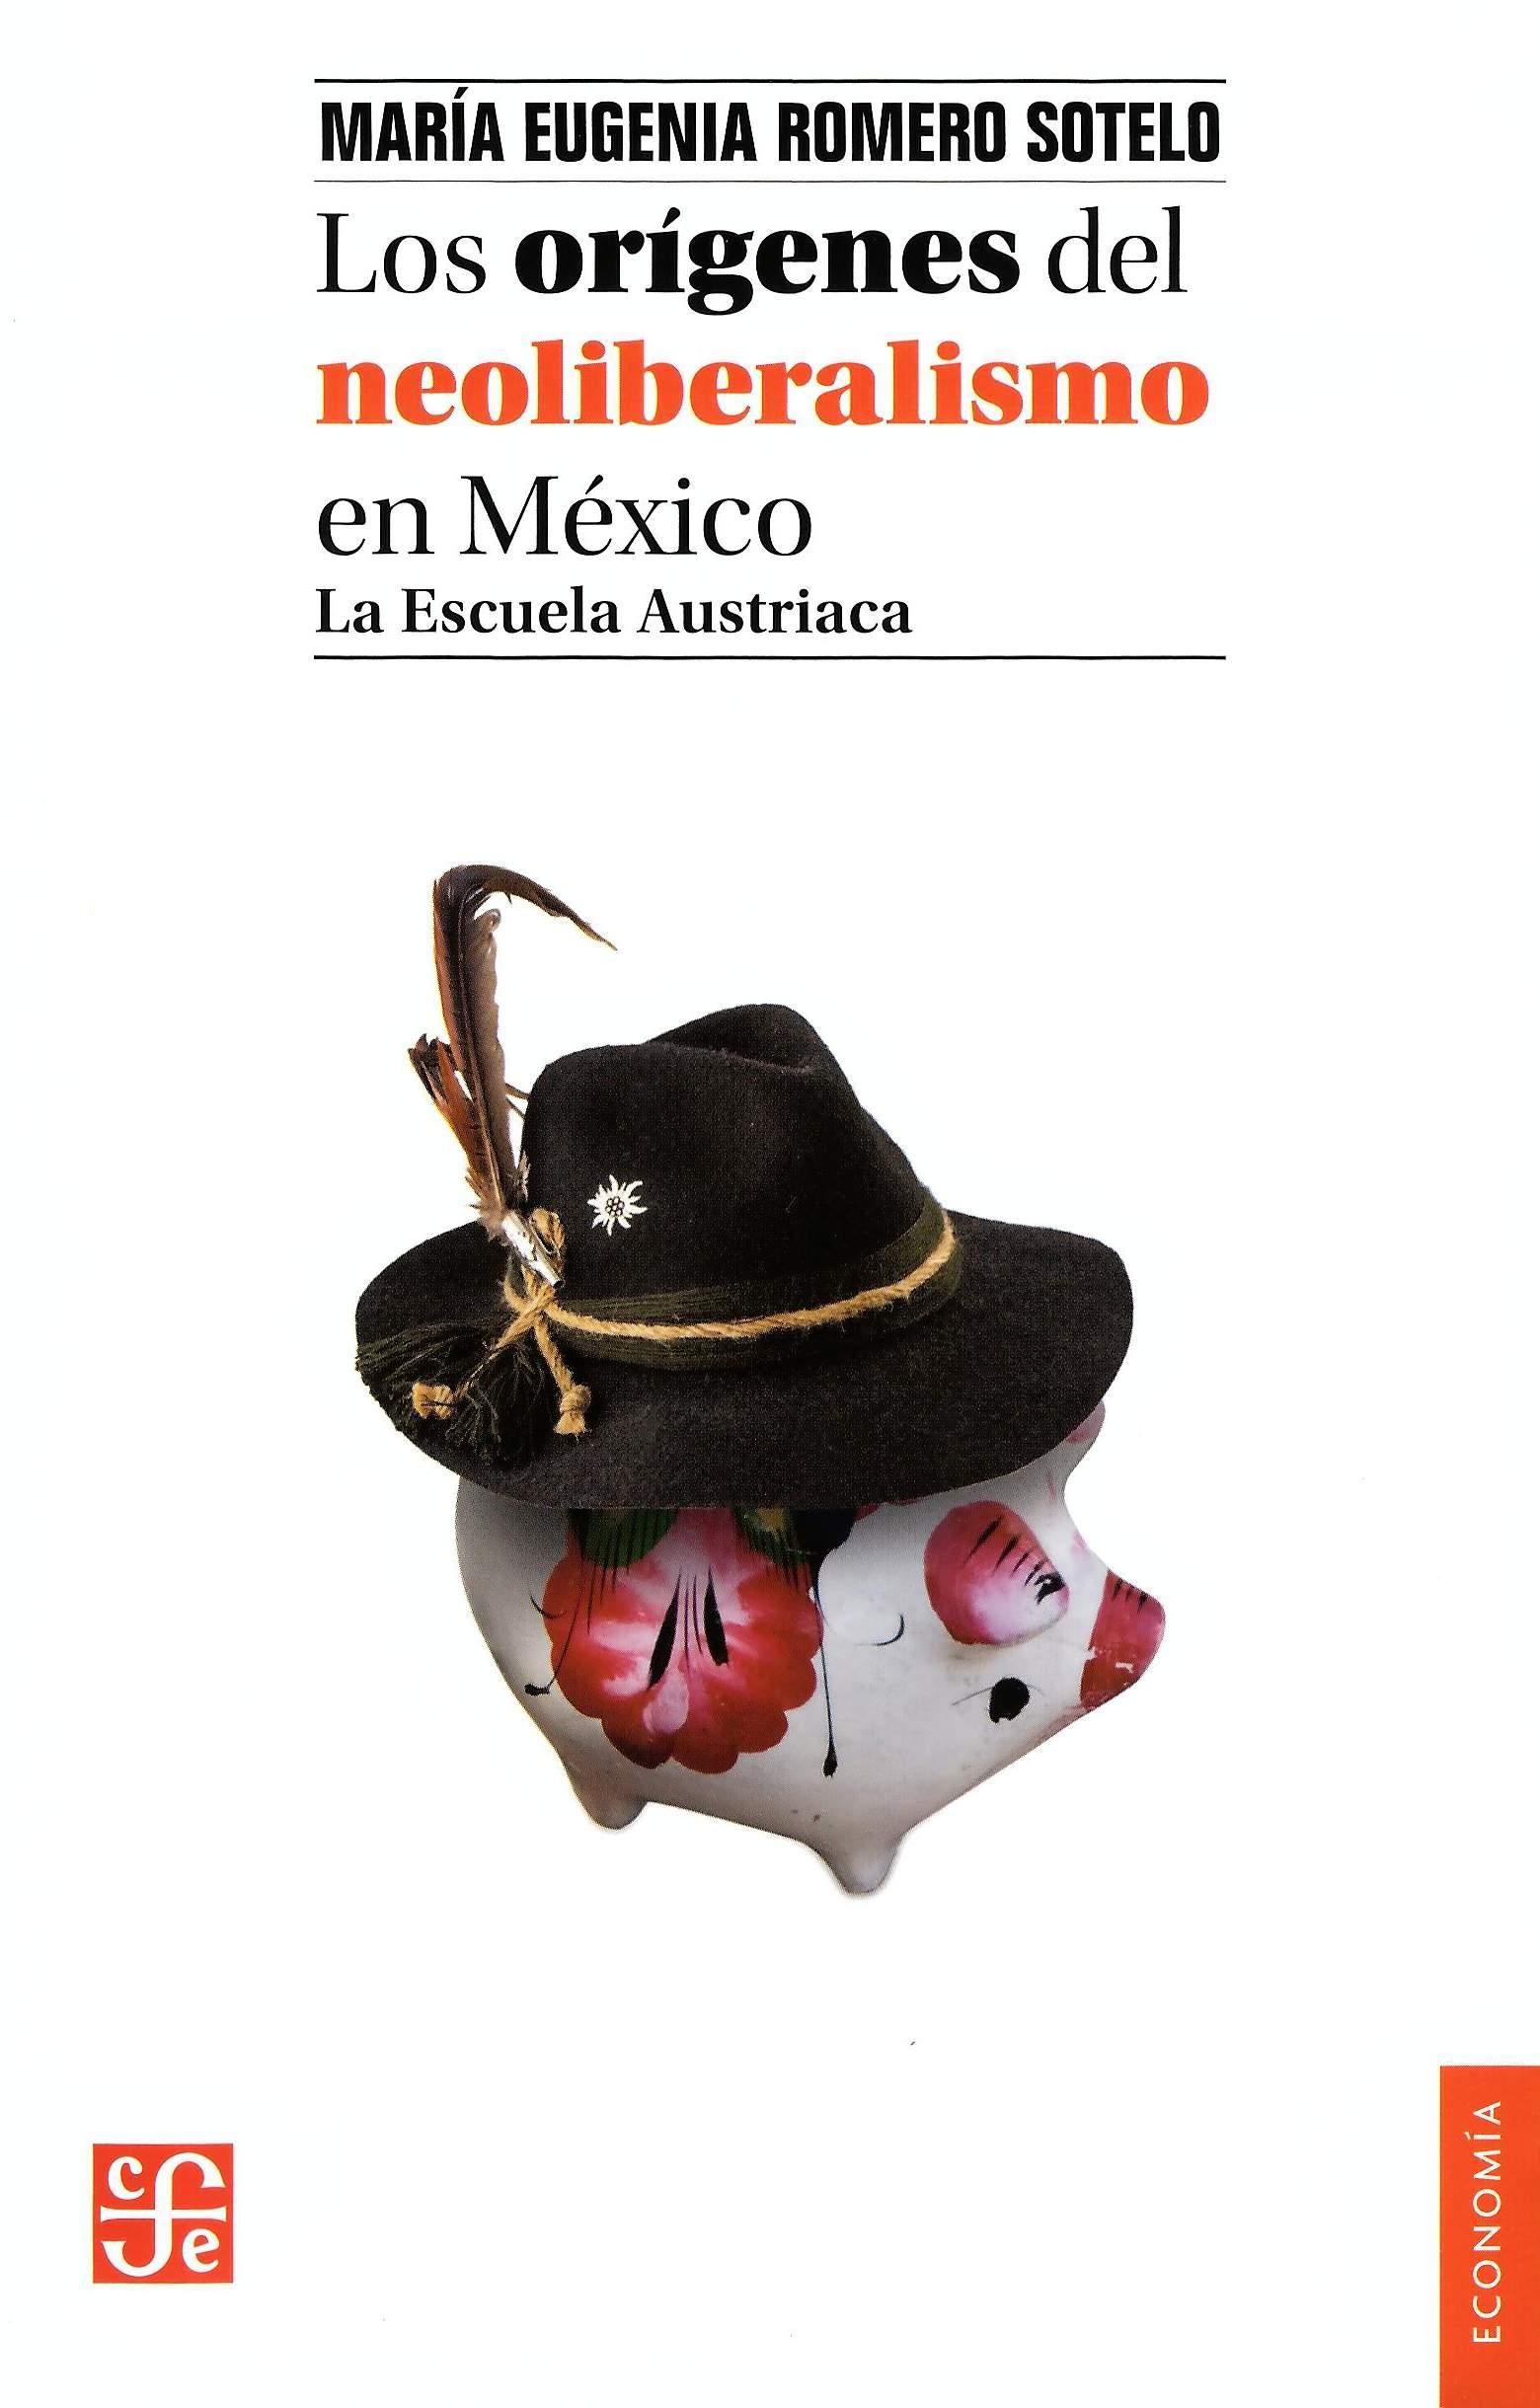 Los orígenes del neoliberalismo en México. La escuela Austriaca